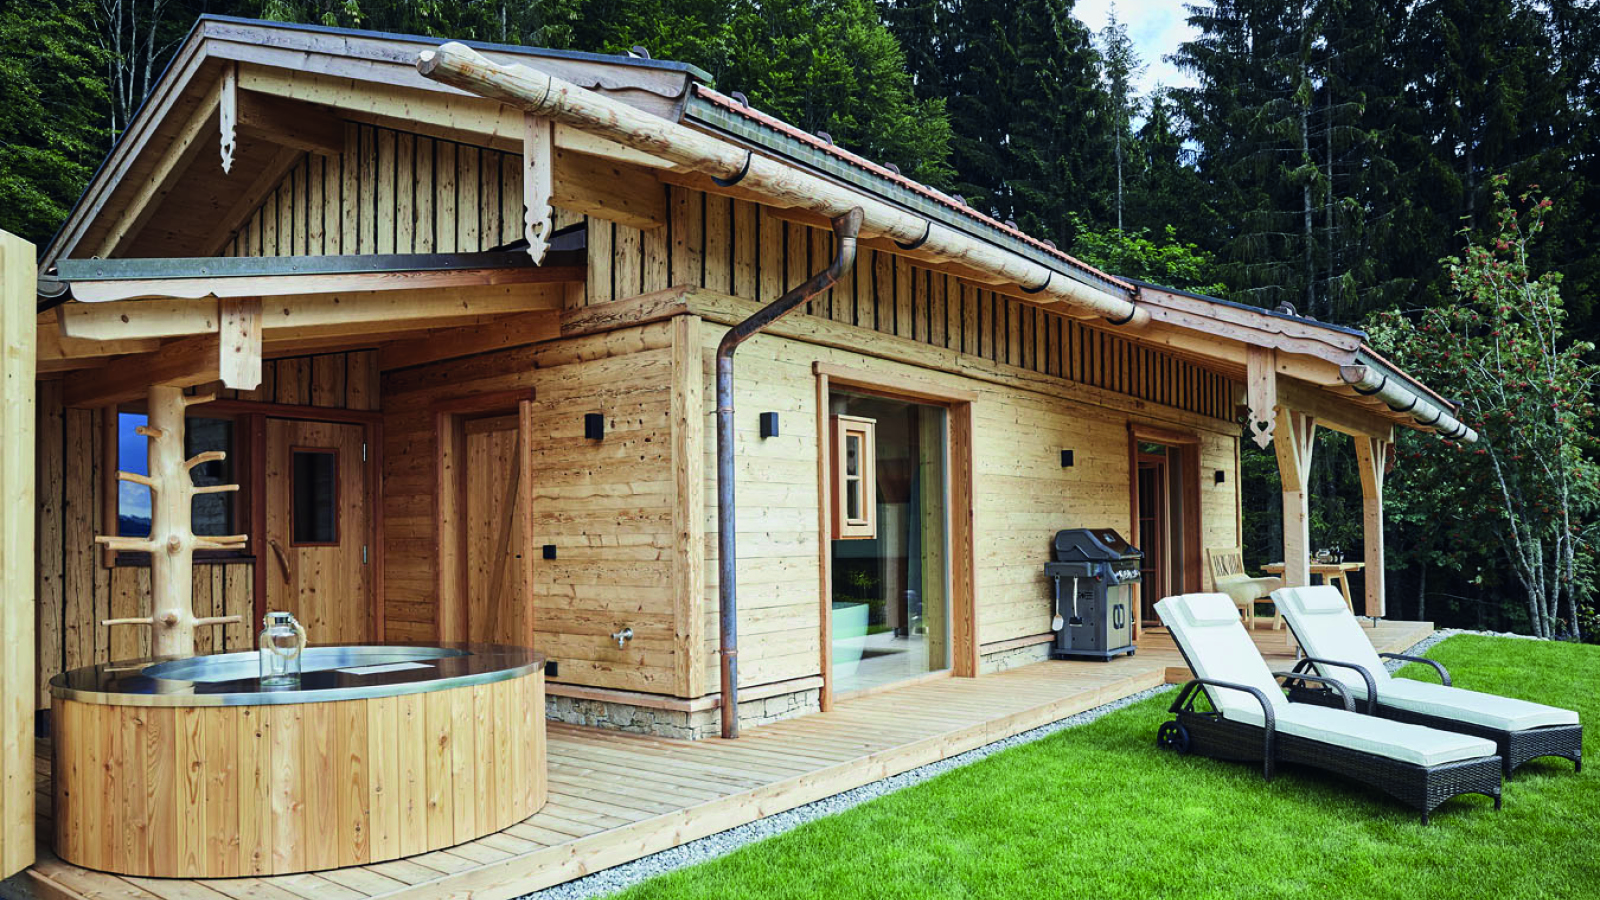 Dreisesselchalets Bayerischer Wald Luxus Berghütten Hochstein Galerie Aussenansicht Whirlpool Blick von Aussen